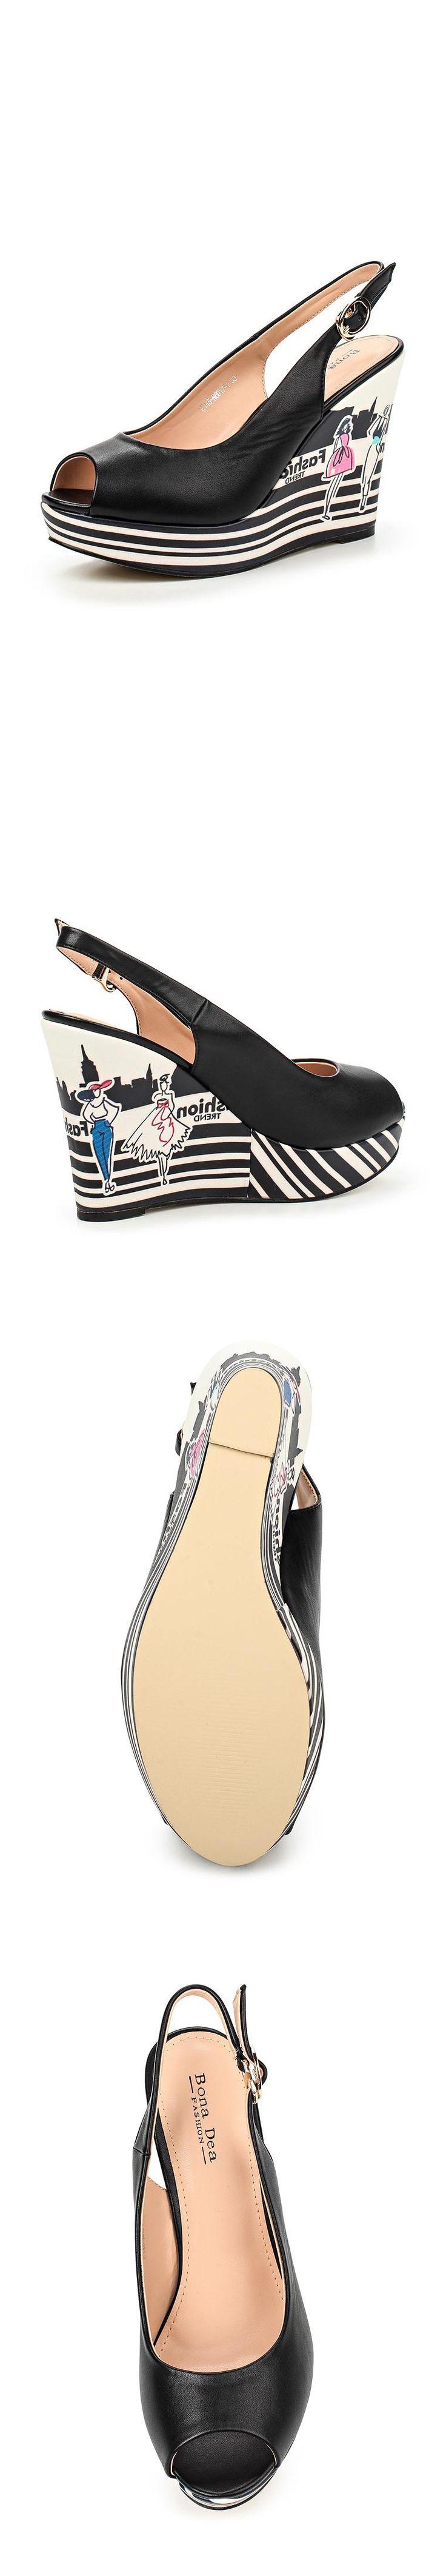 Женская обувь босоножки Bona Dea за 3670.00 руб.